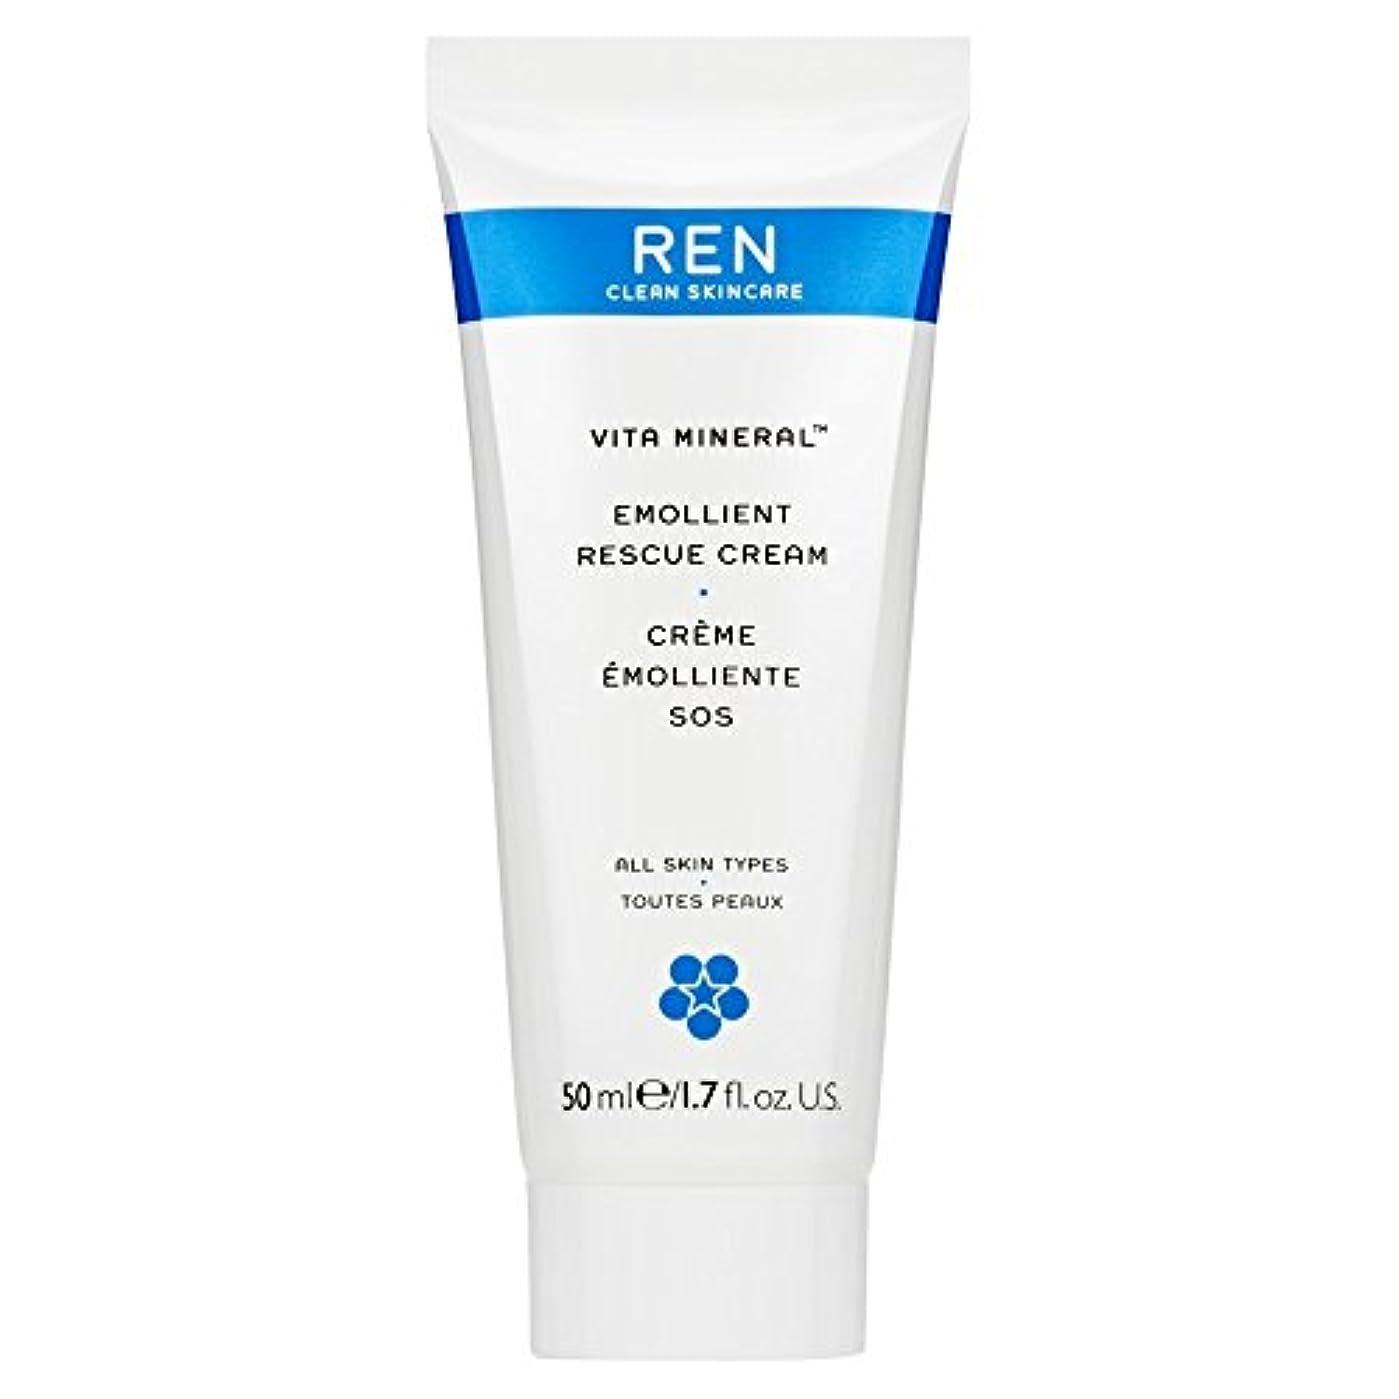 輝く有益まっすぐRenヴィータミネラルレスキュークリーム、50ミリリットル (REN) (x2) - REN Vita Mineral Rescue Cream, 50ml (Pack of 2) [並行輸入品]